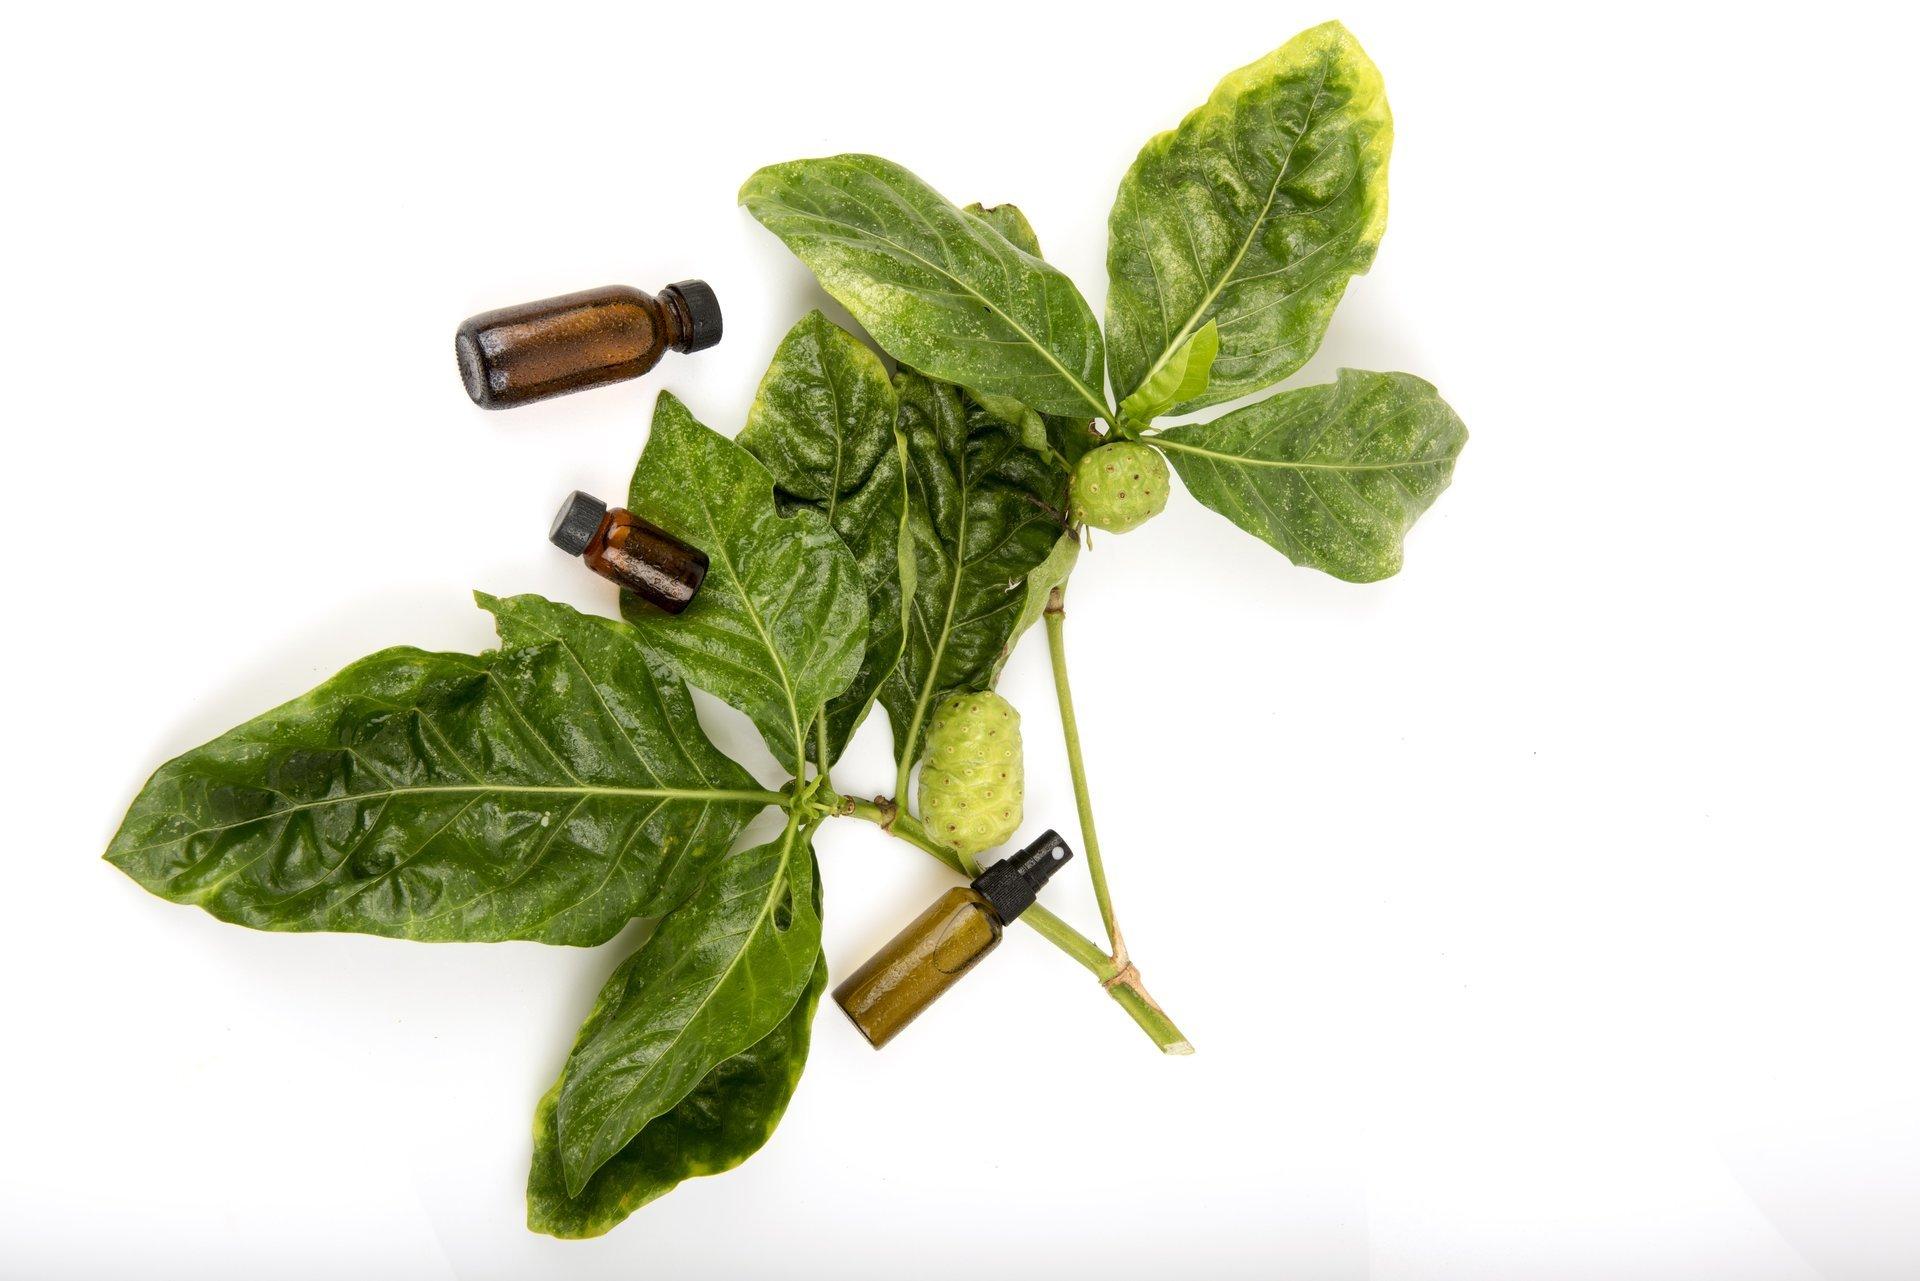 pianta medicinale con boccette di farmaci omeopatici